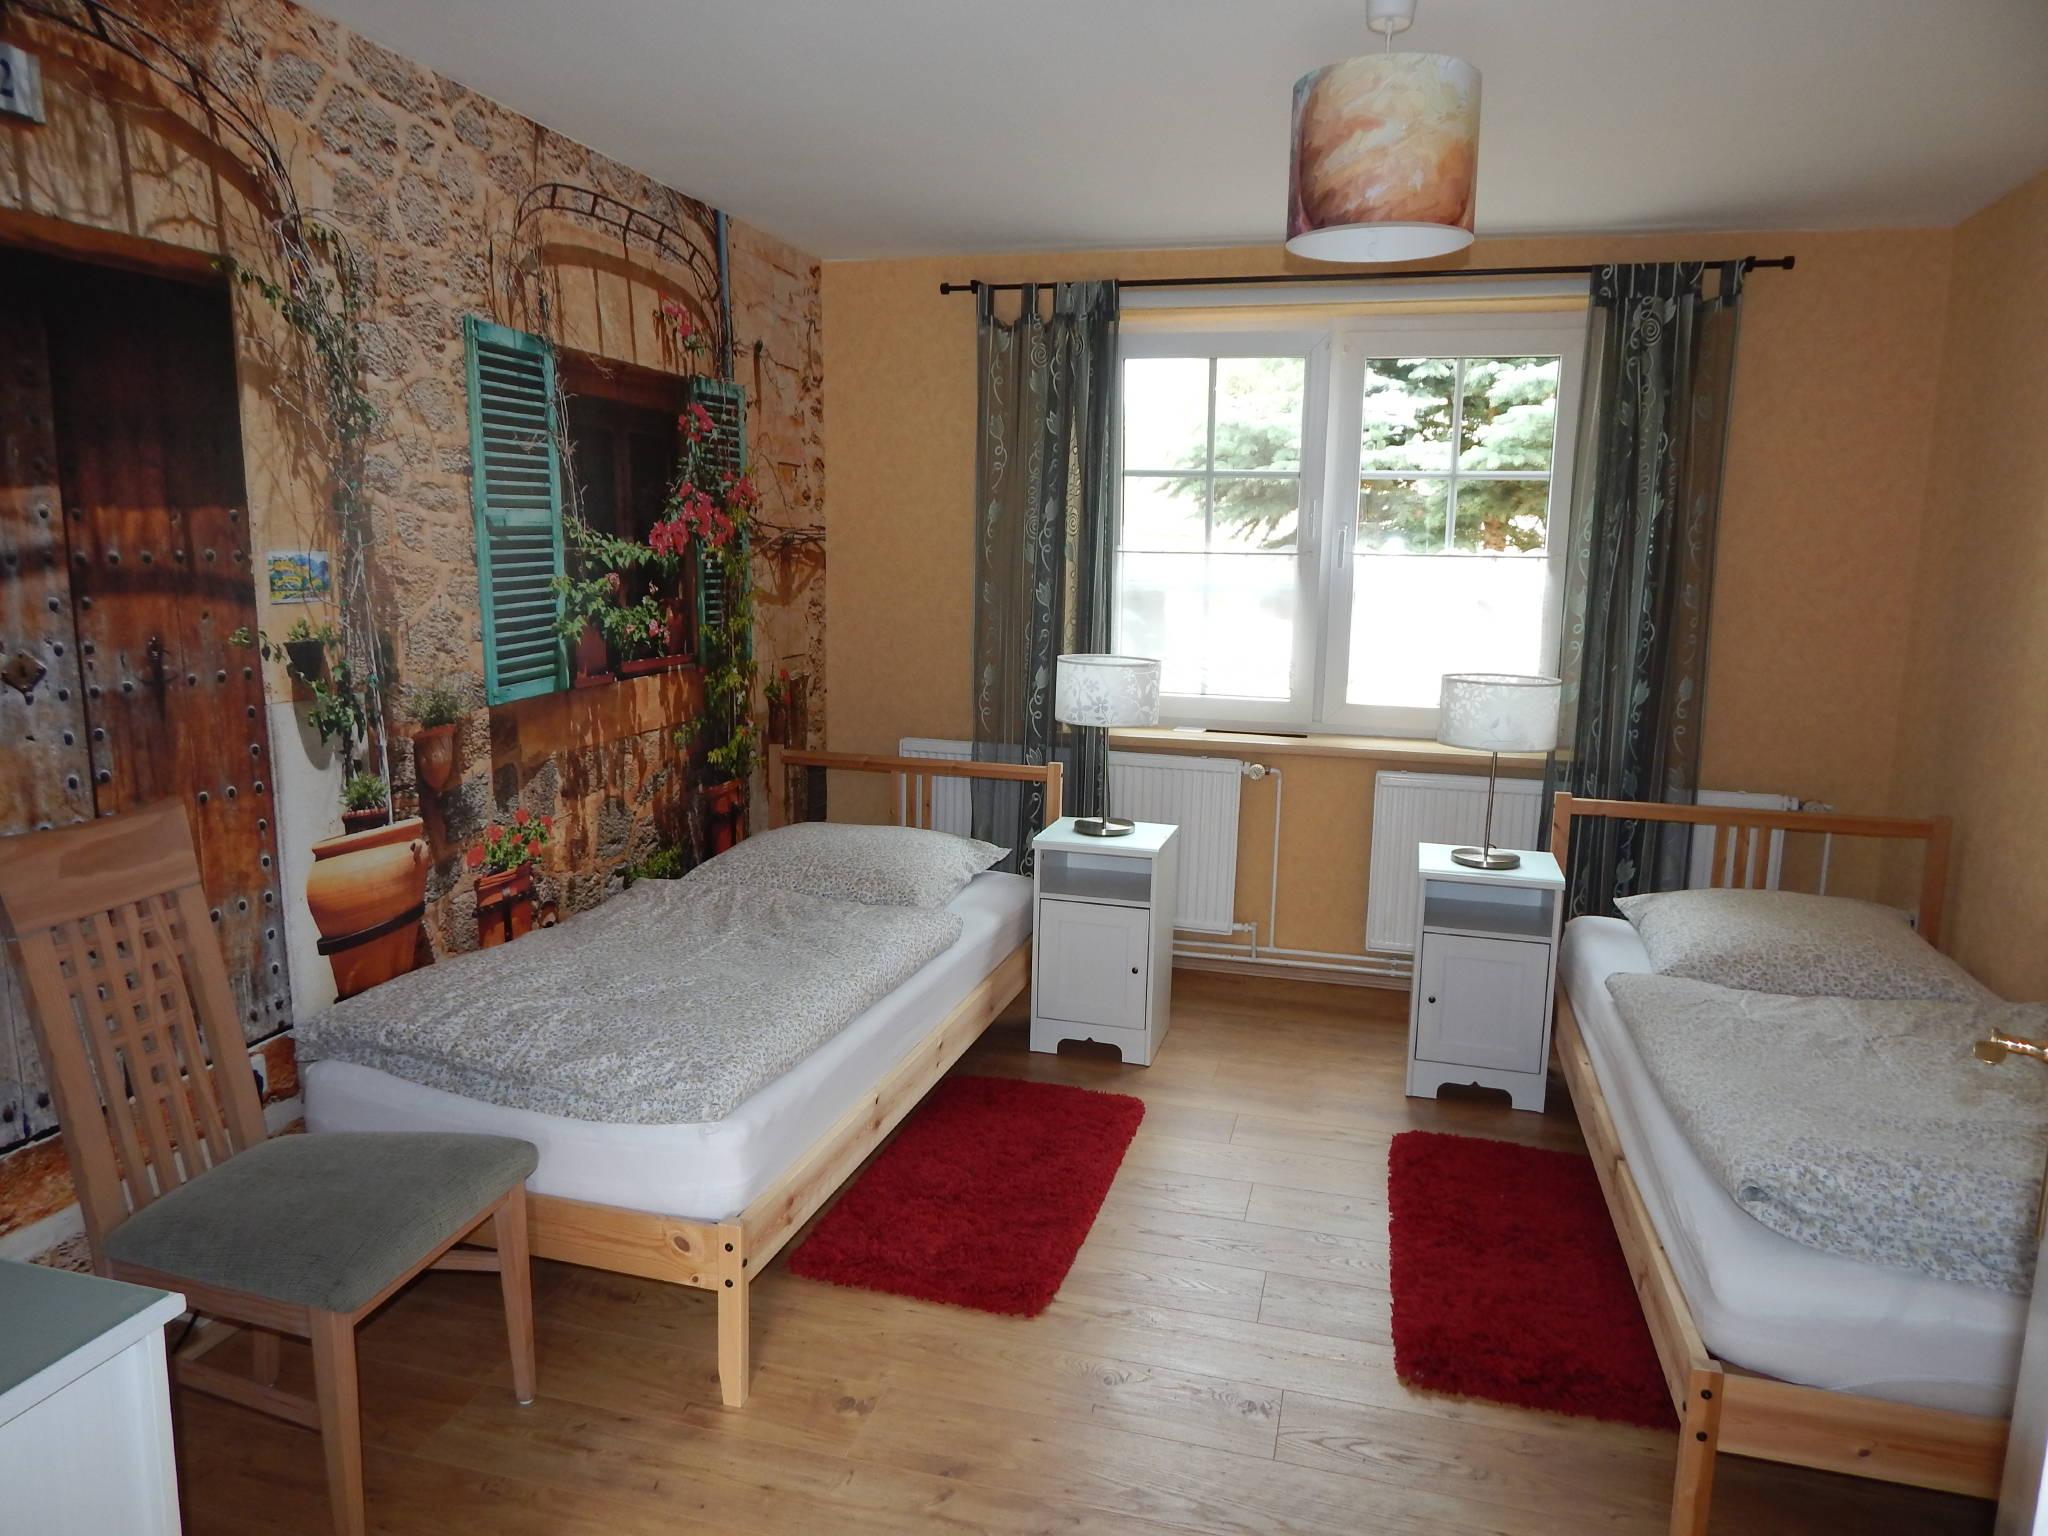 Schlafzimmer mit TV und 2 Betten